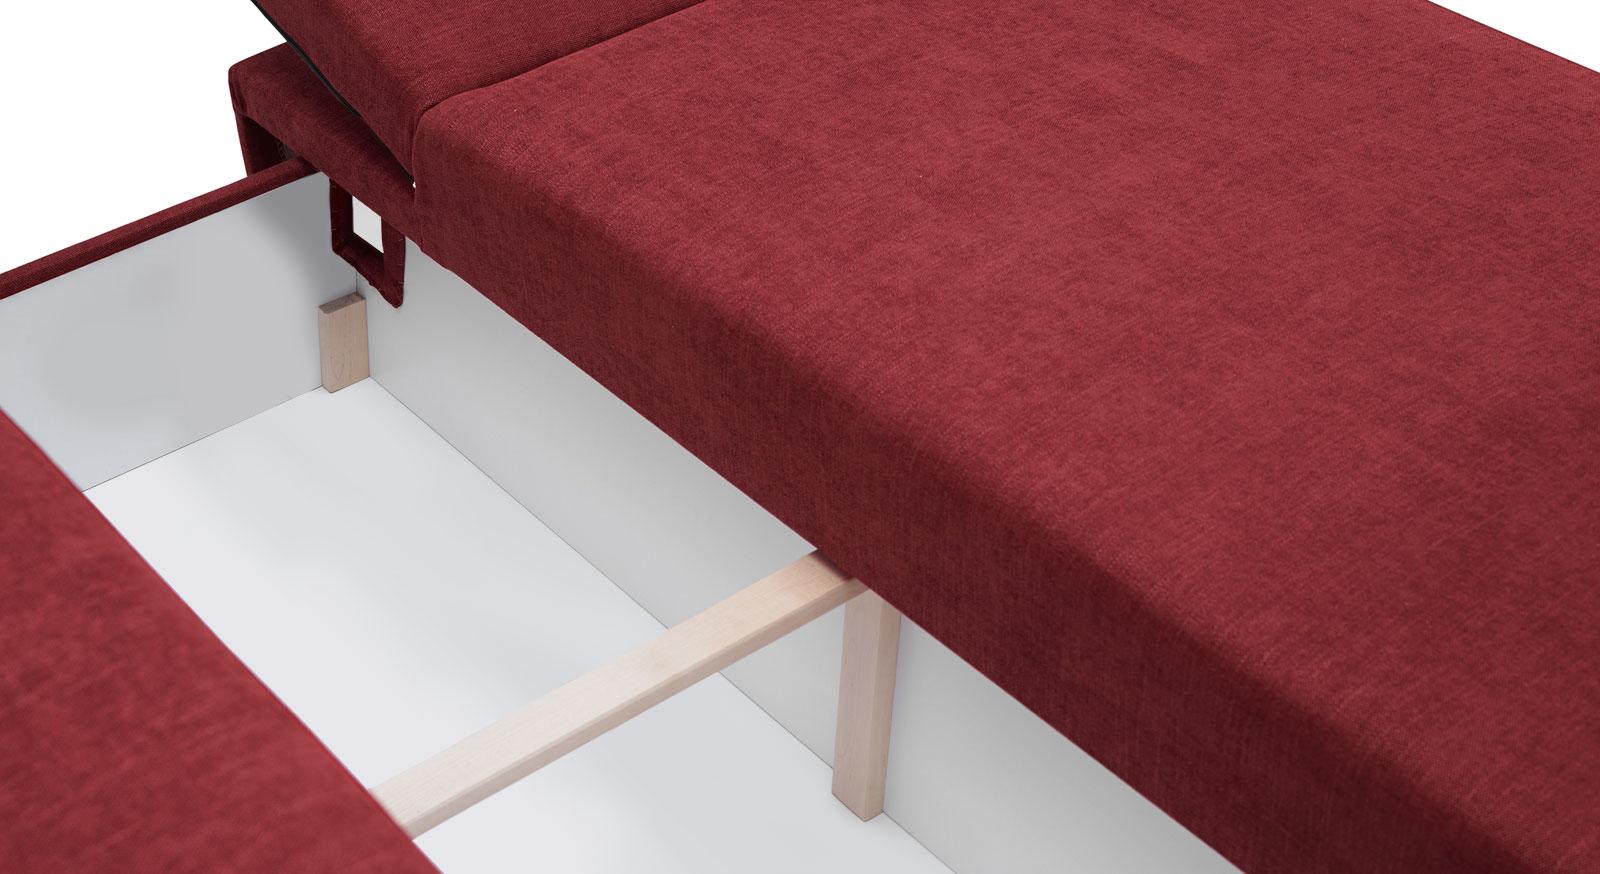 Worauf man beim Kauf eines Sofas zum Schlafen achten sollte